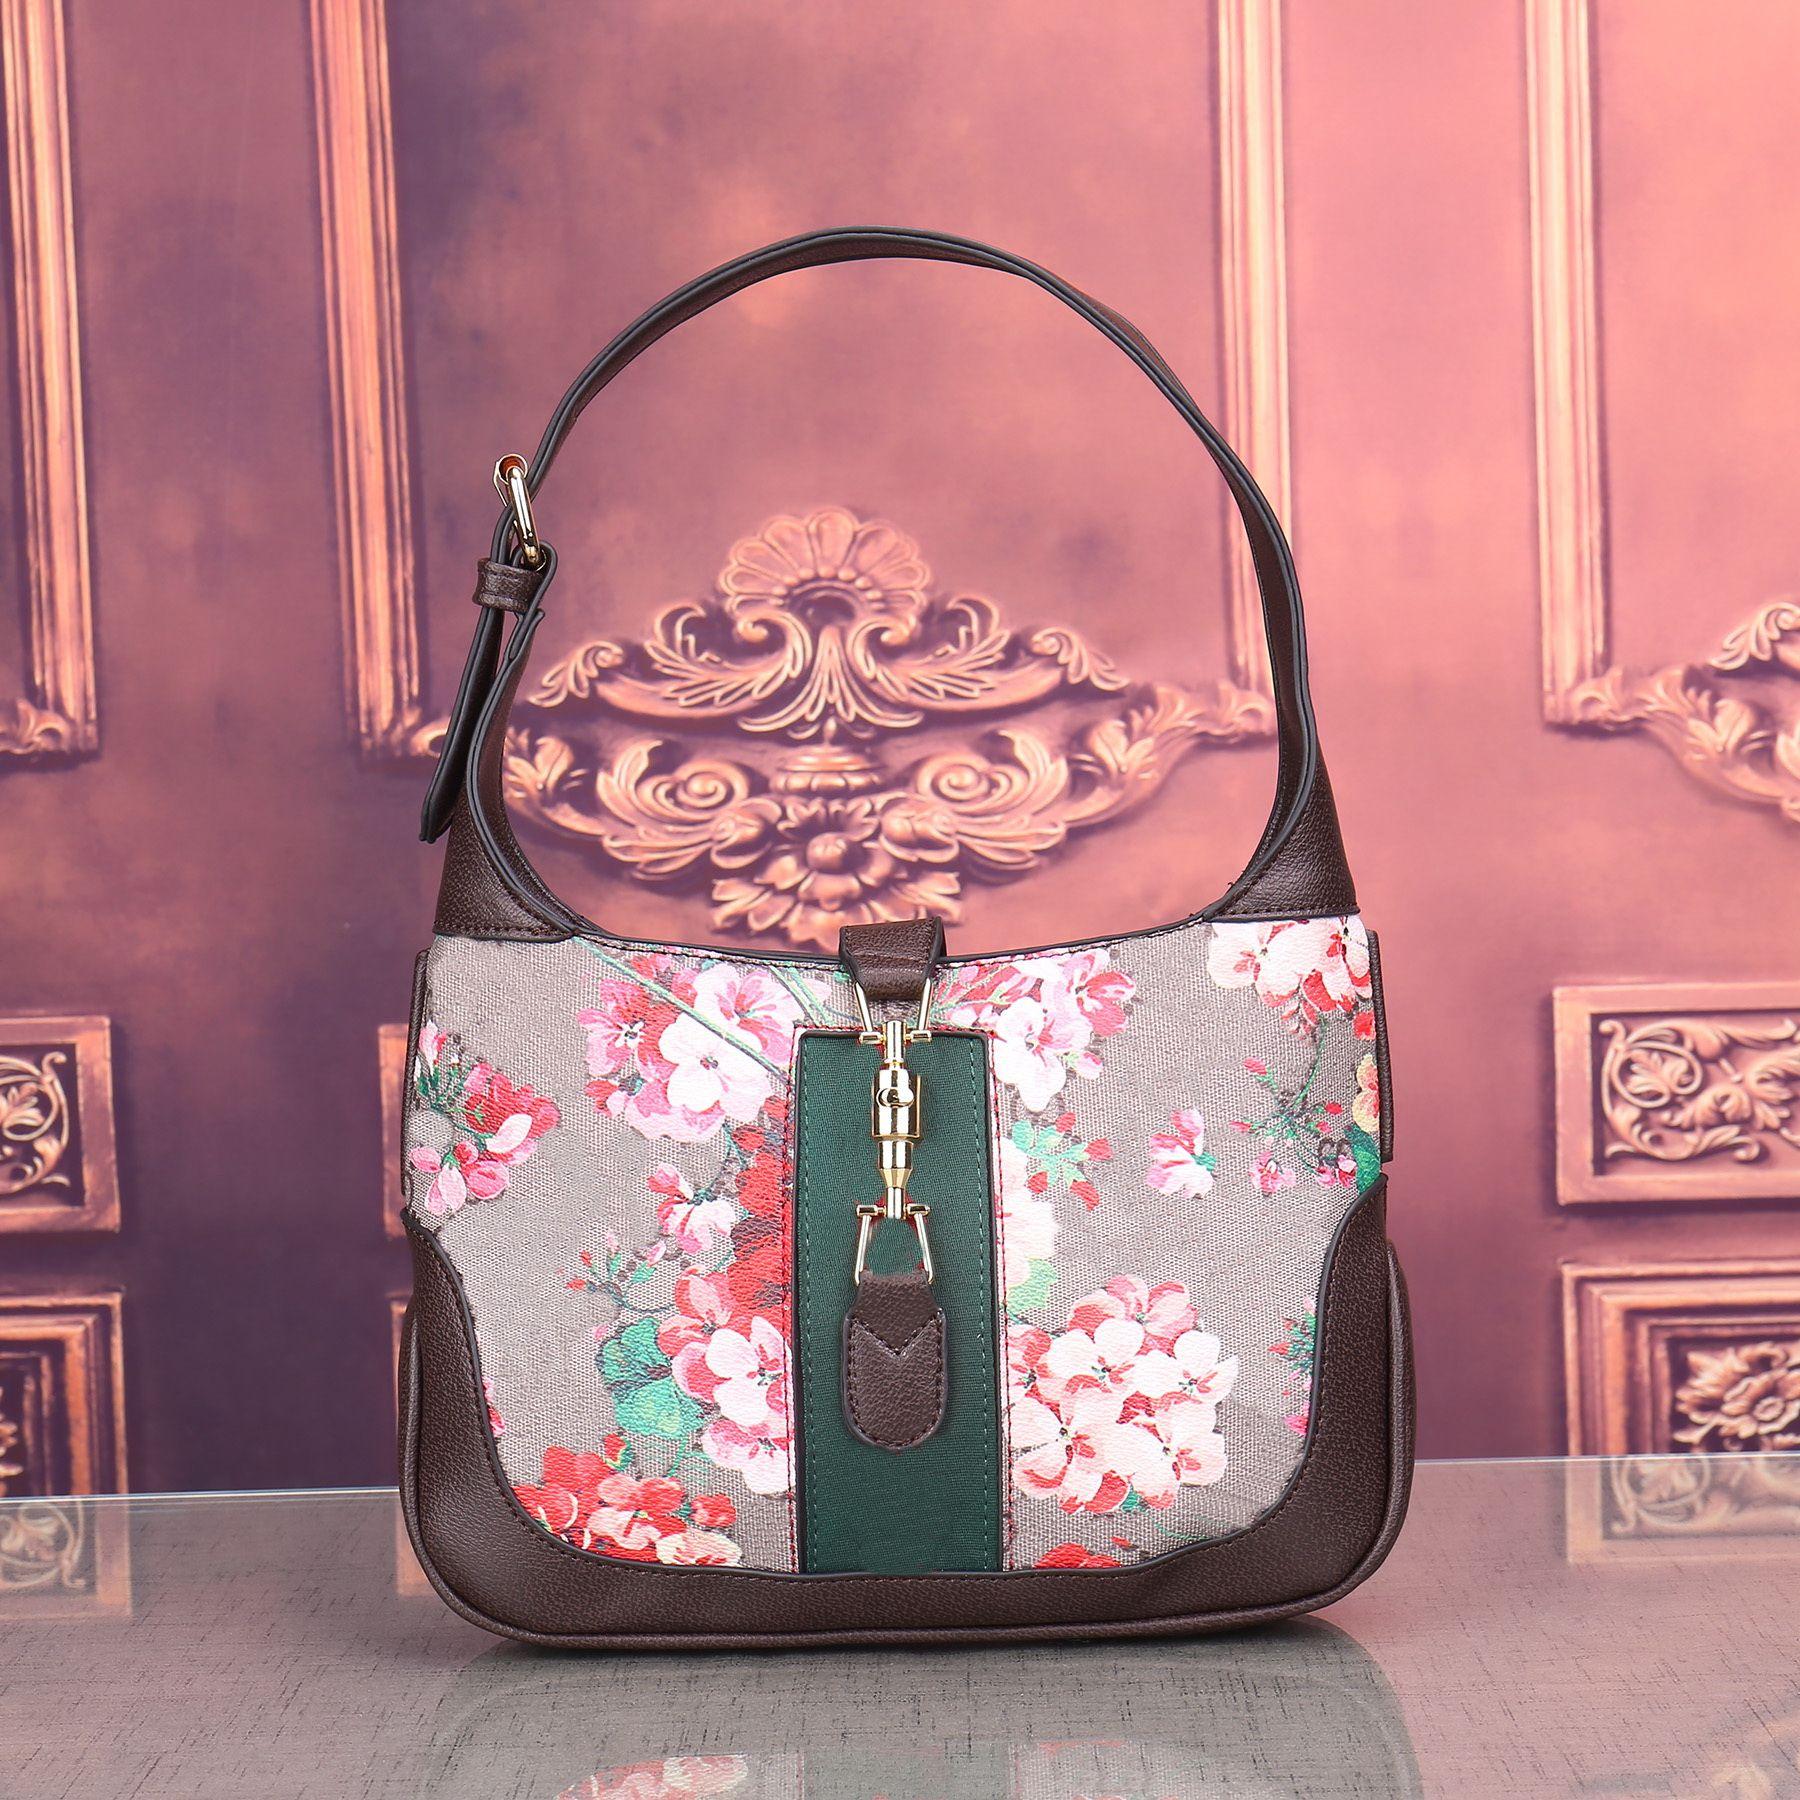 Hohe Qualität Neue Frauen Handtaschen Unterschrift Umhängetaschen Crossbody Soho Bag Disco Messenger Bag Geldbörse Brieftasche Mode Taschen Totes Handtasche 2021